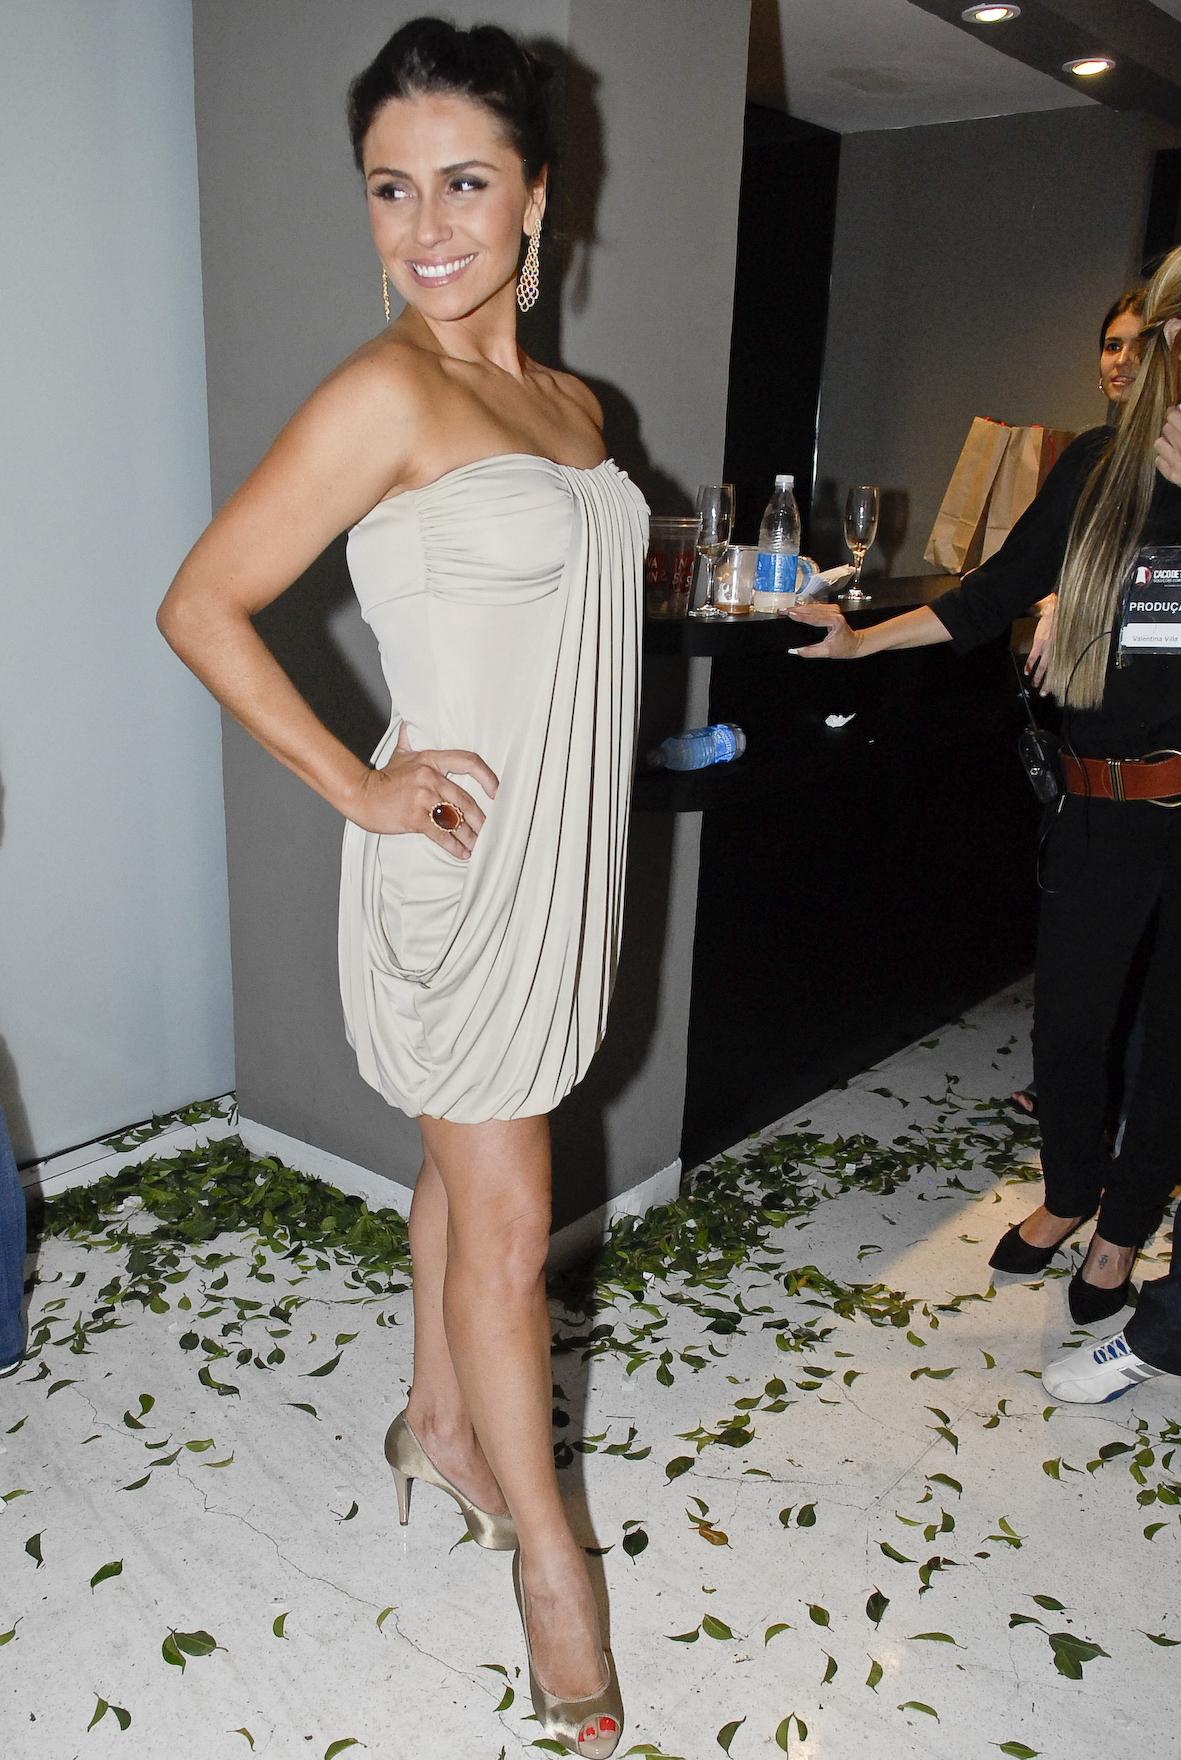 Feet Giovanna Antonelli nude photos 2019